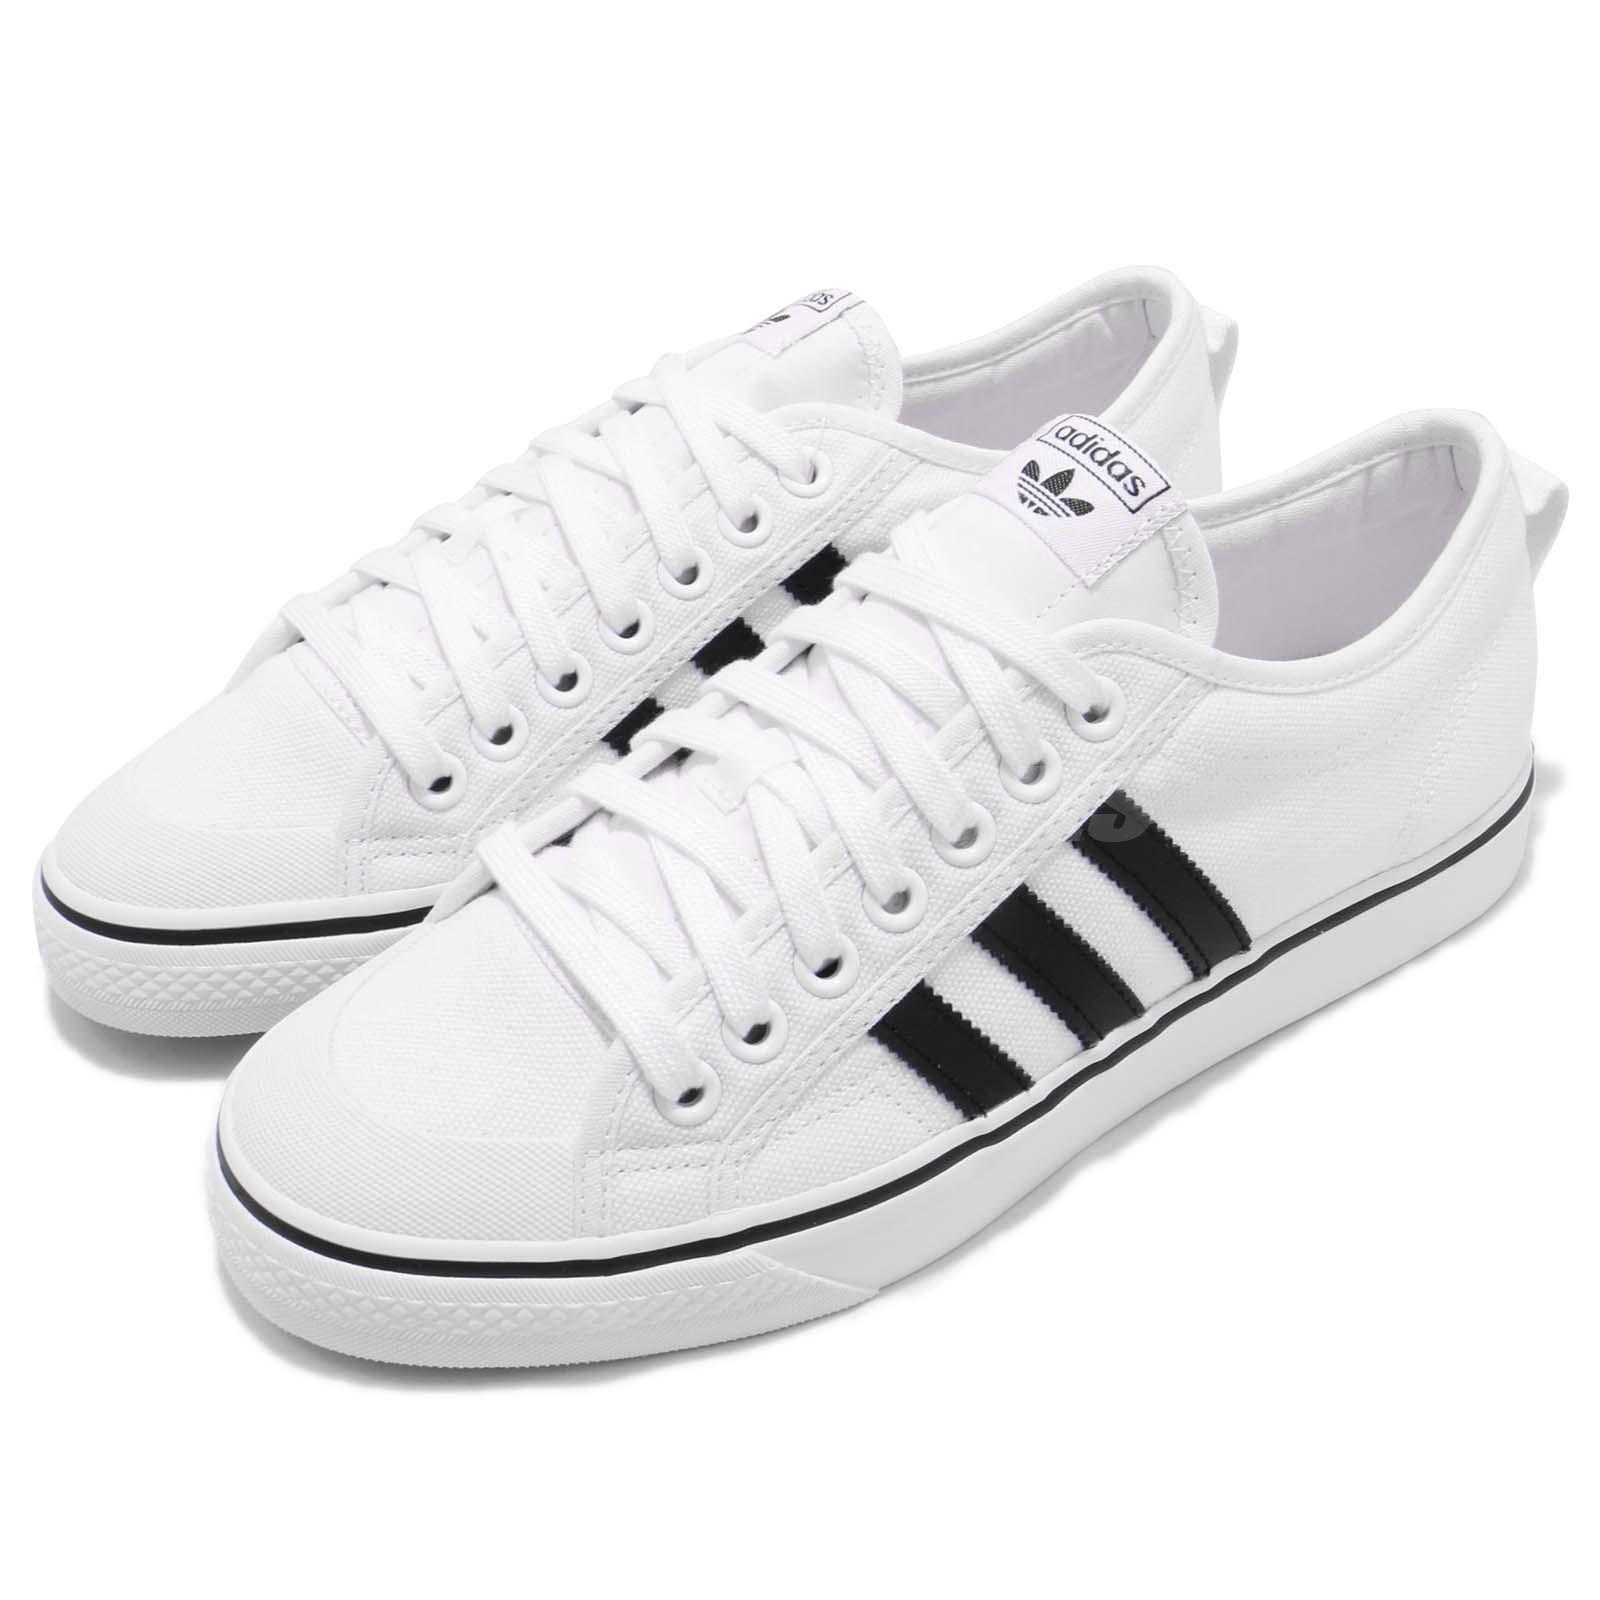 Détails sur adidas Originals Nizza Footwear White Core Black Men Casual Shoes Sneaker CQ2333